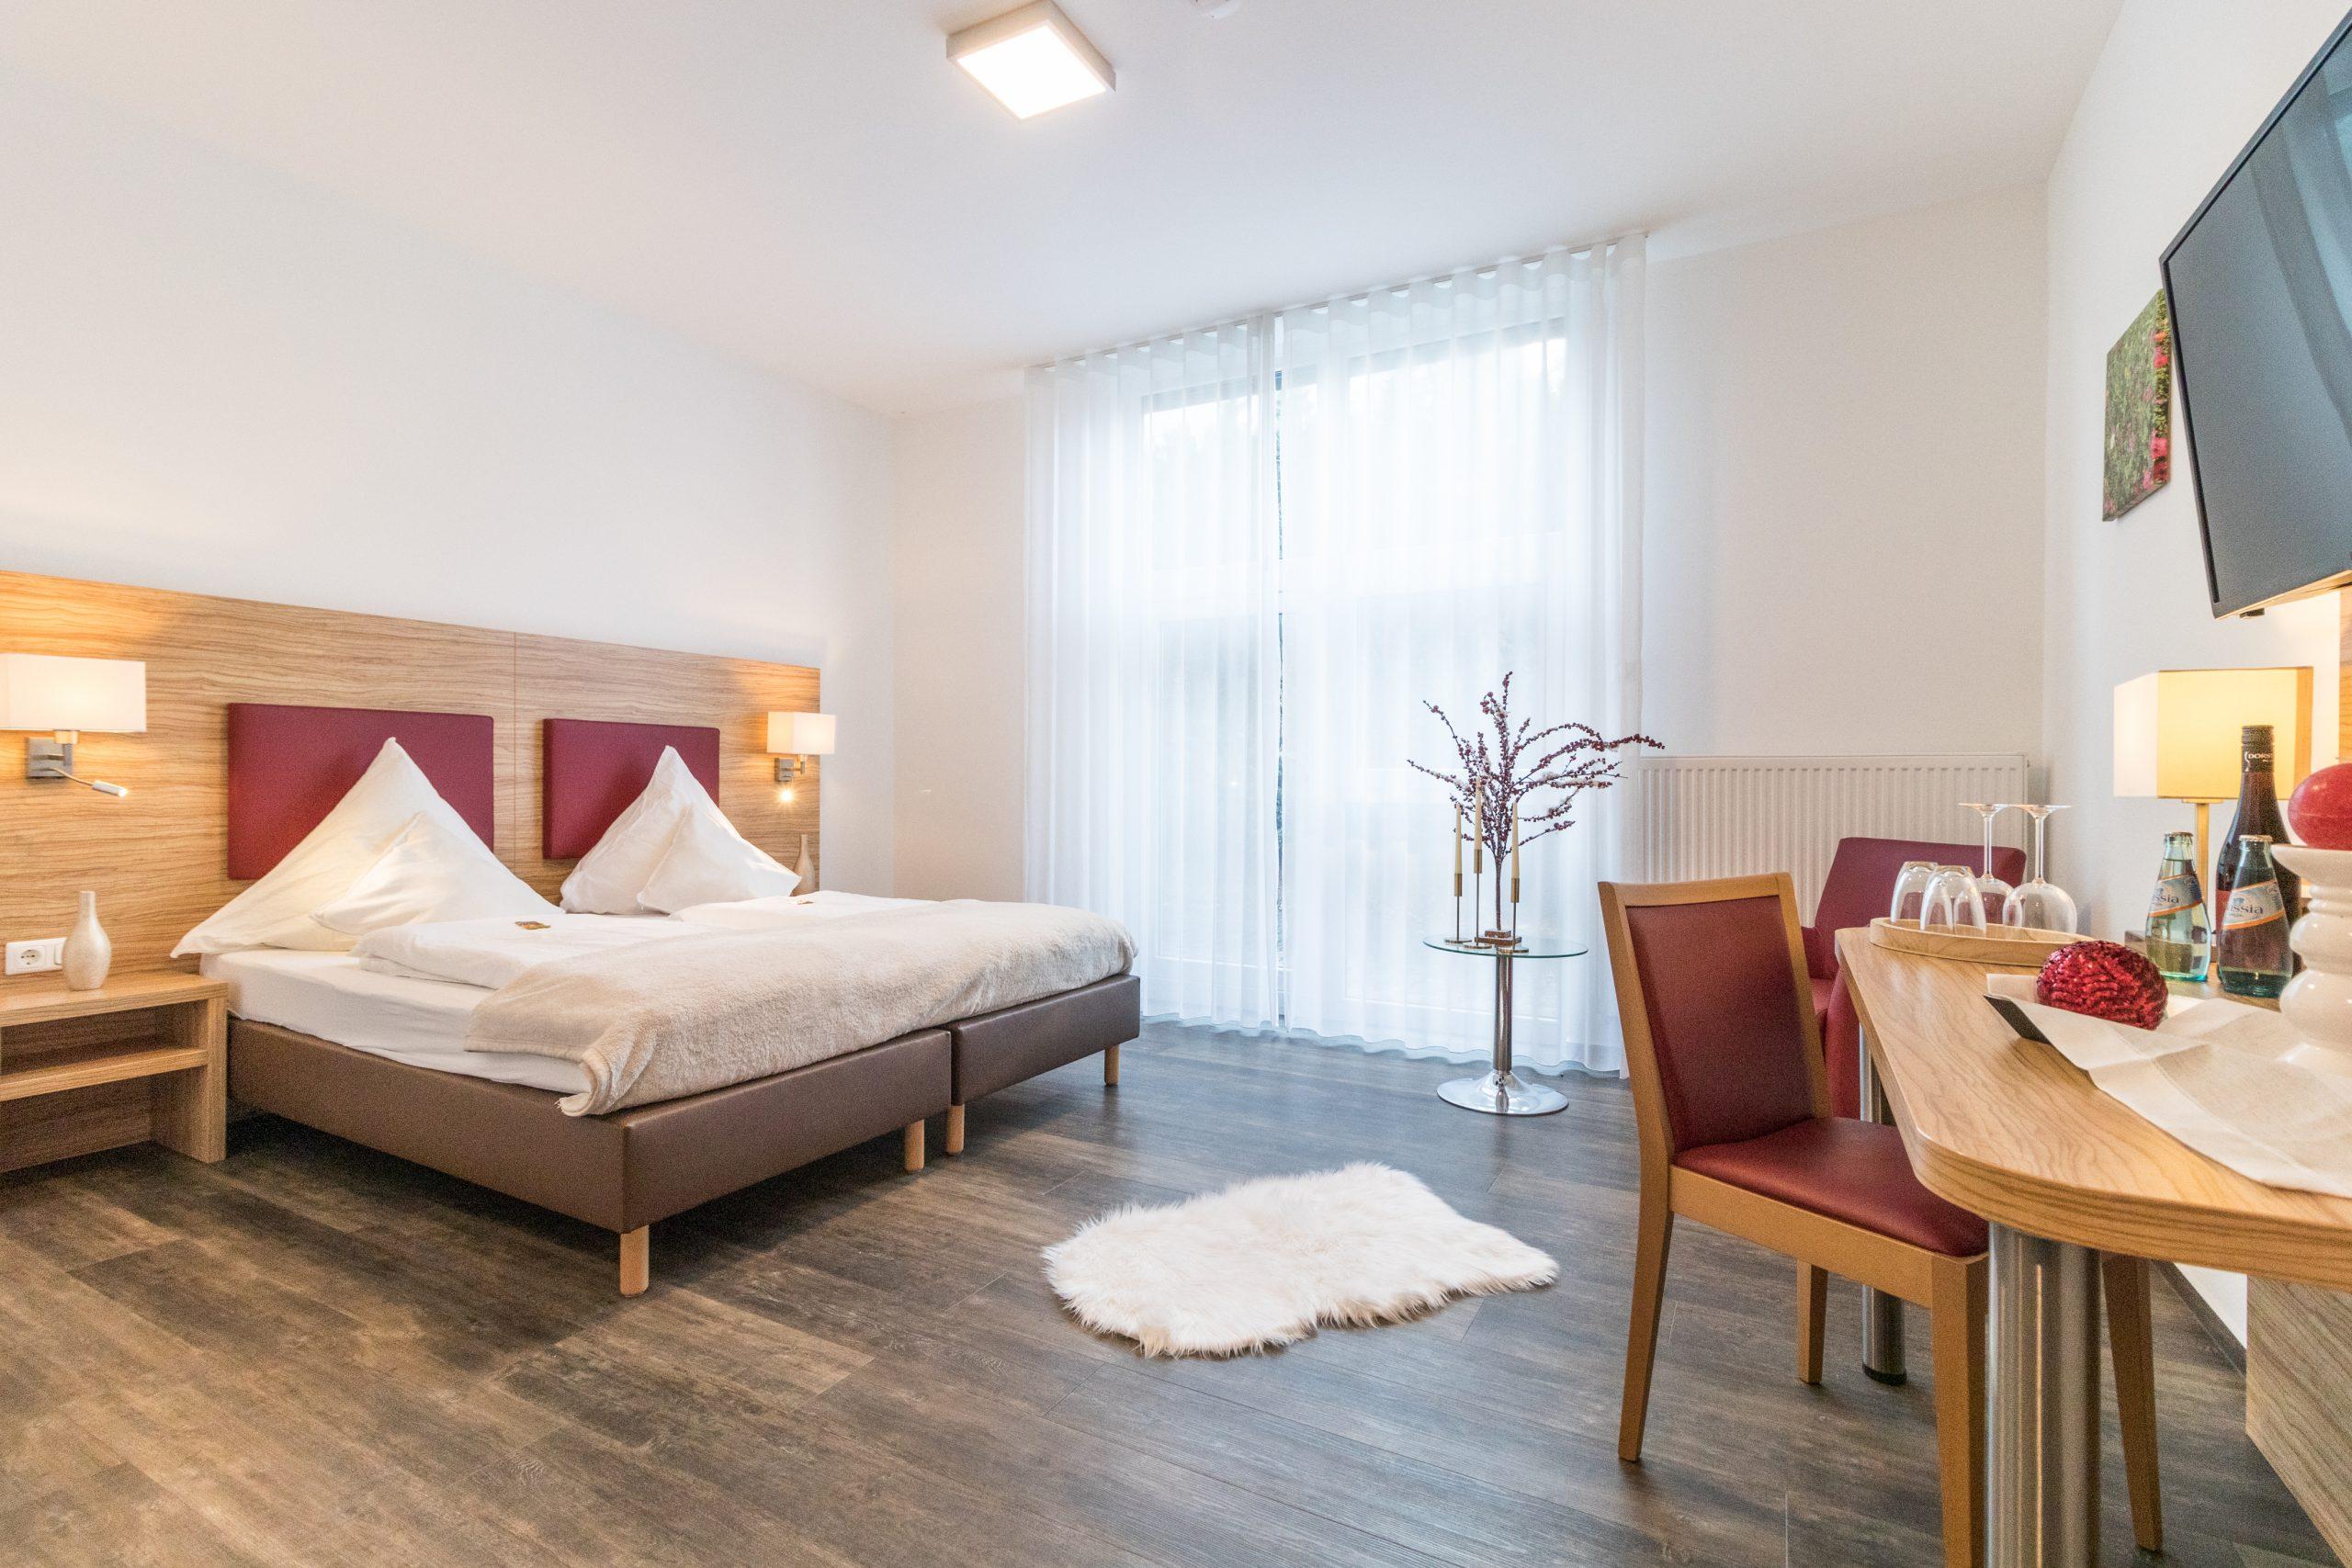 Einzelzimmer N8 Hotel by Villa Dörr